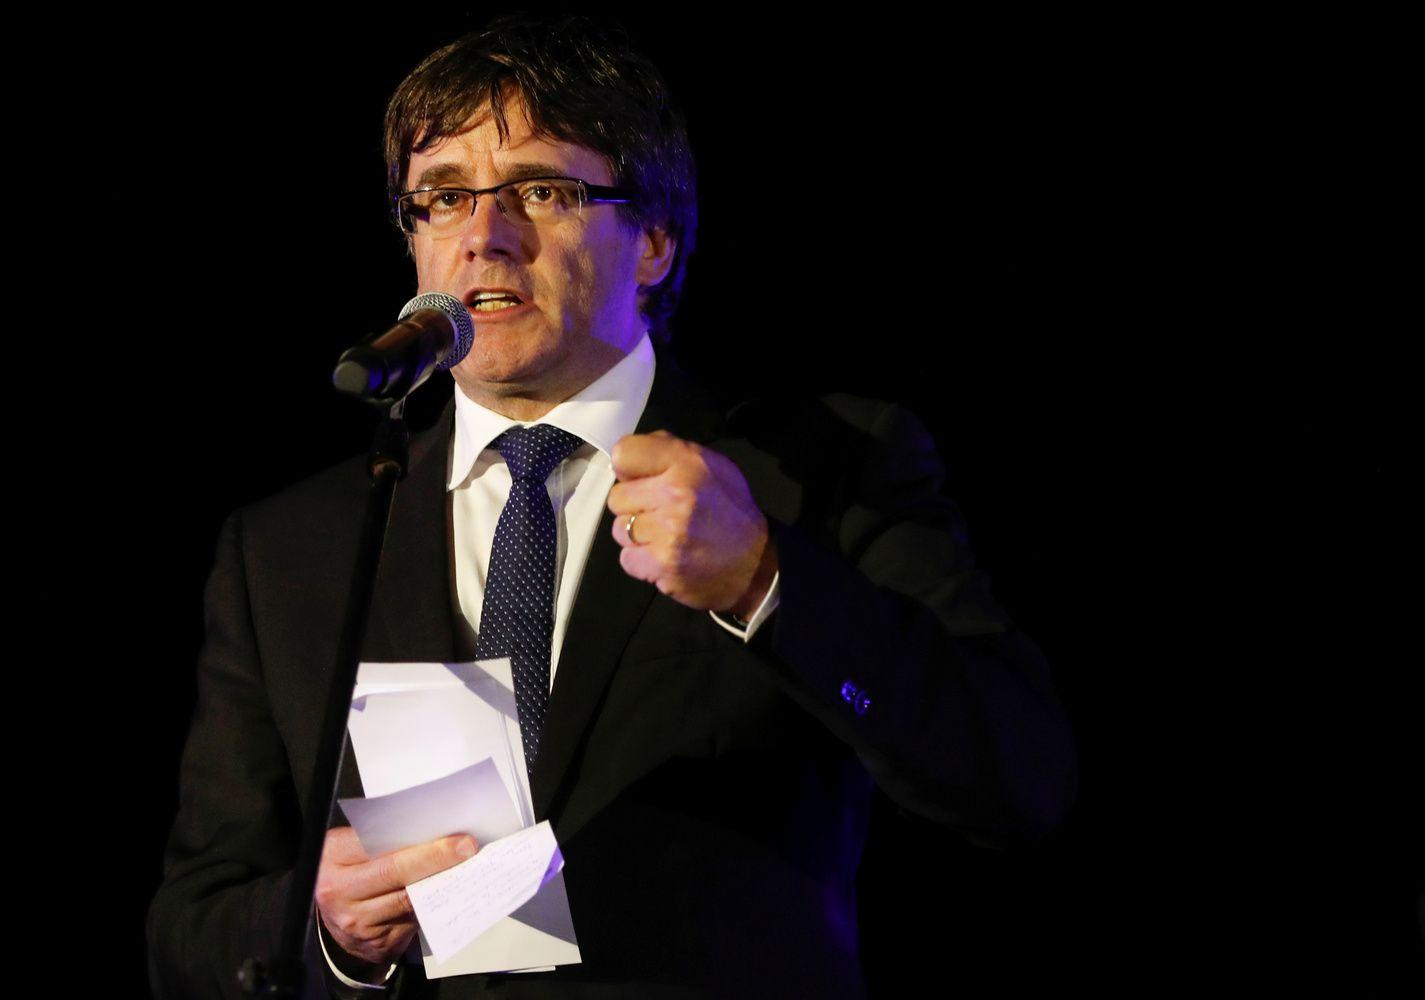 Katalonijoje rengiamasIspanijos nepripažįstamas referendumas